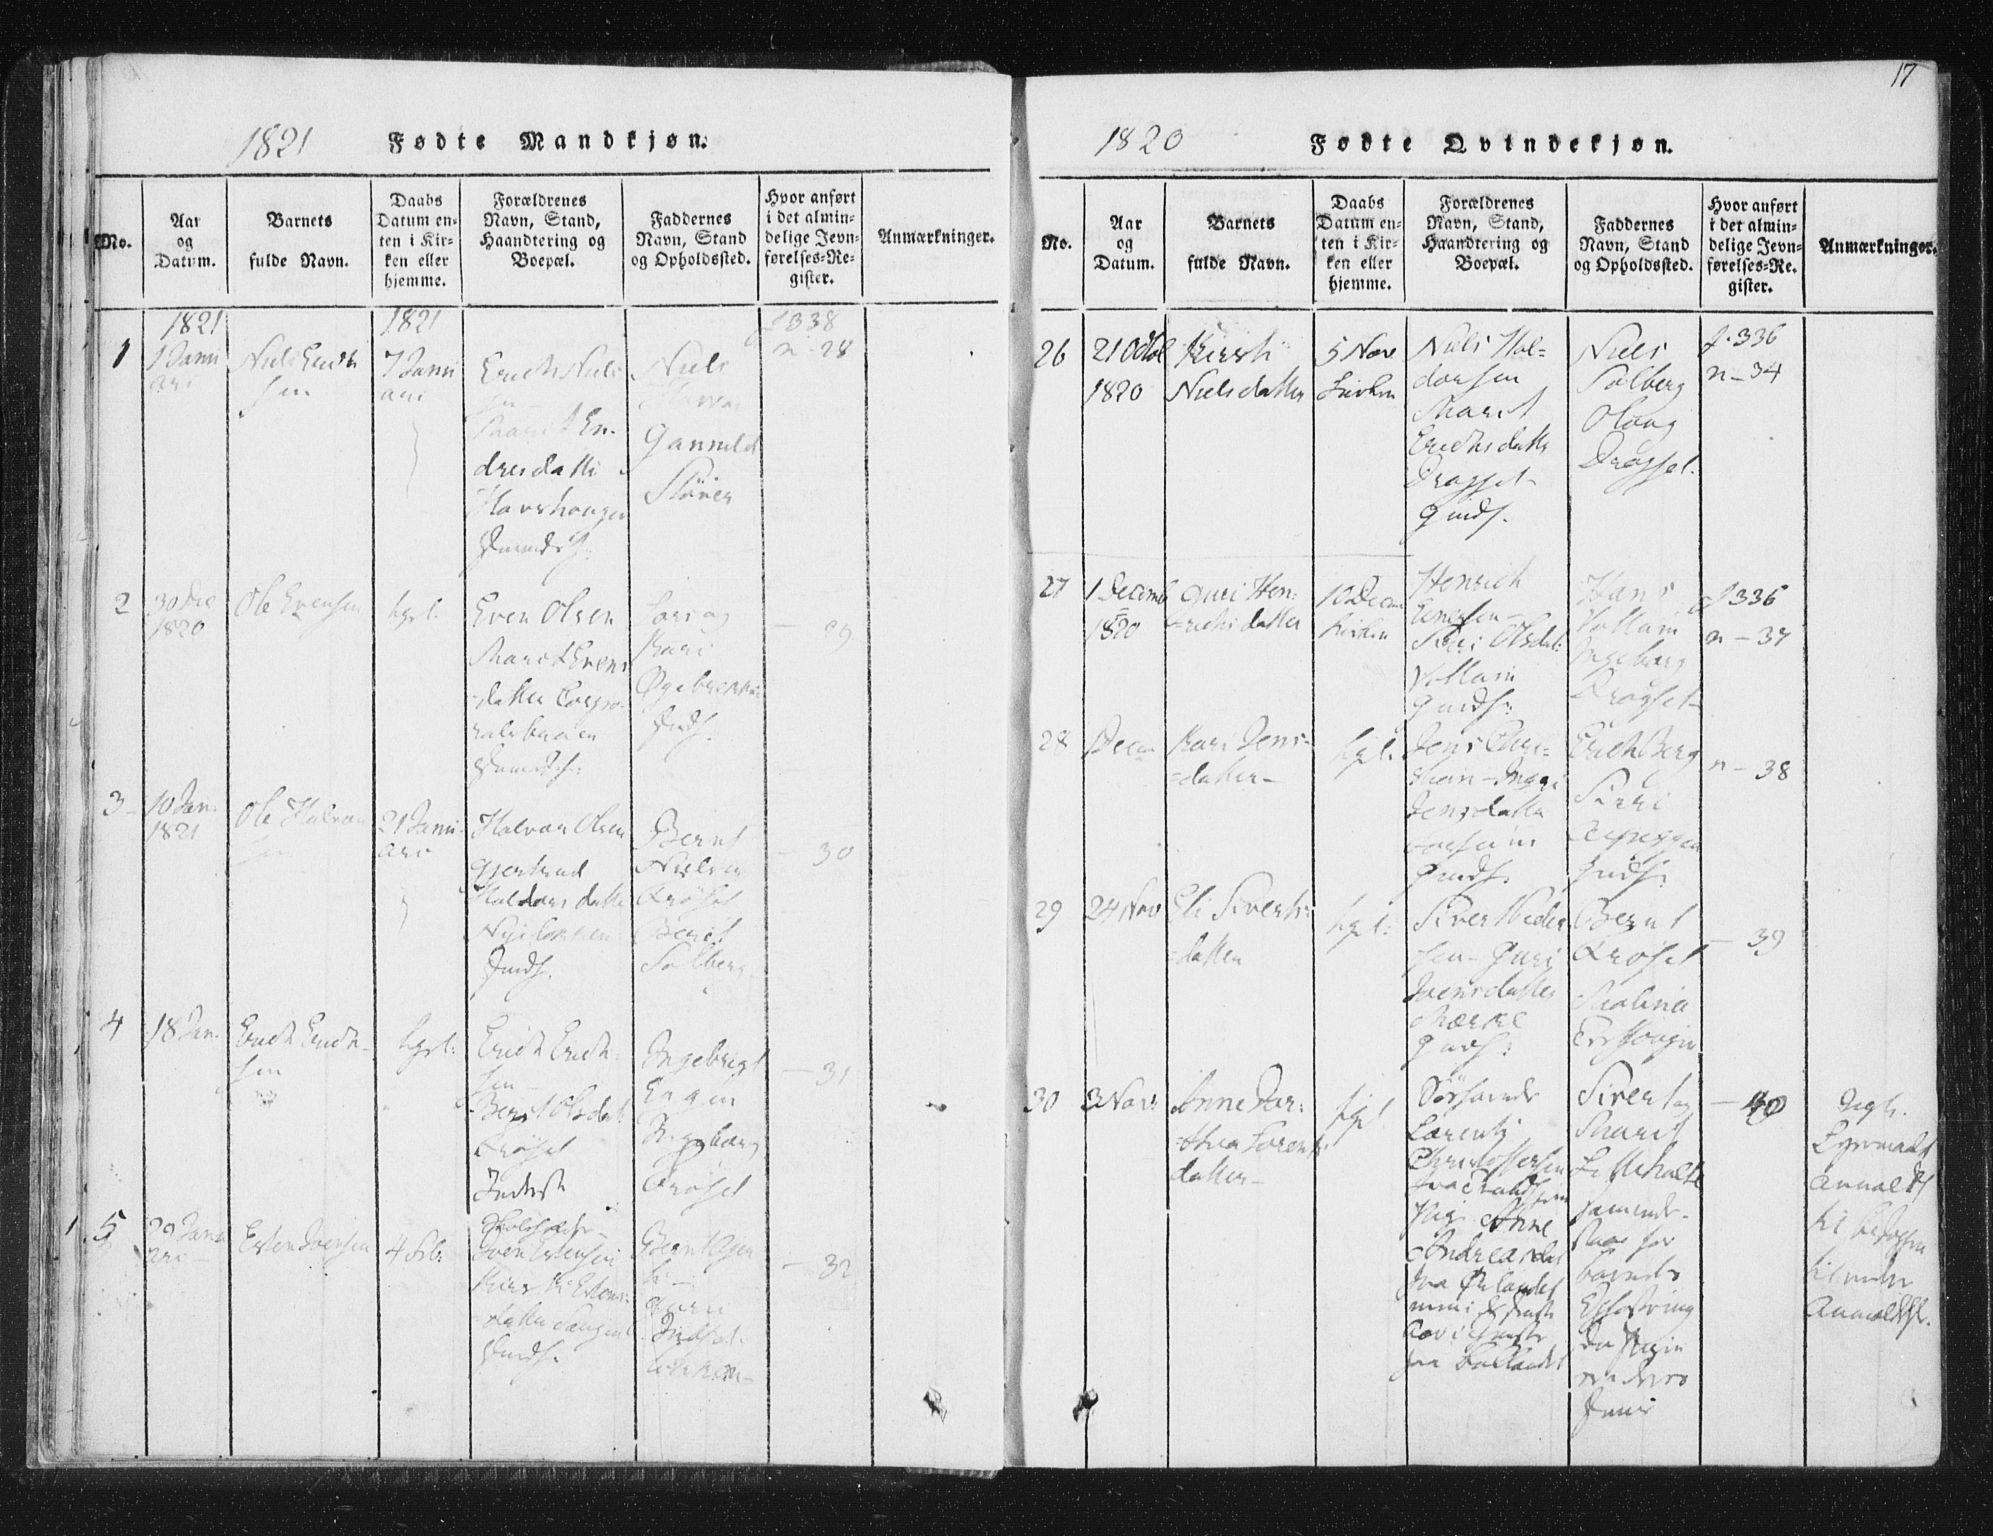 SAT, Ministerialprotokoller, klokkerbøker og fødselsregistre - Sør-Trøndelag, 689/L1037: Ministerialbok nr. 689A02, 1816-1842, s. 17